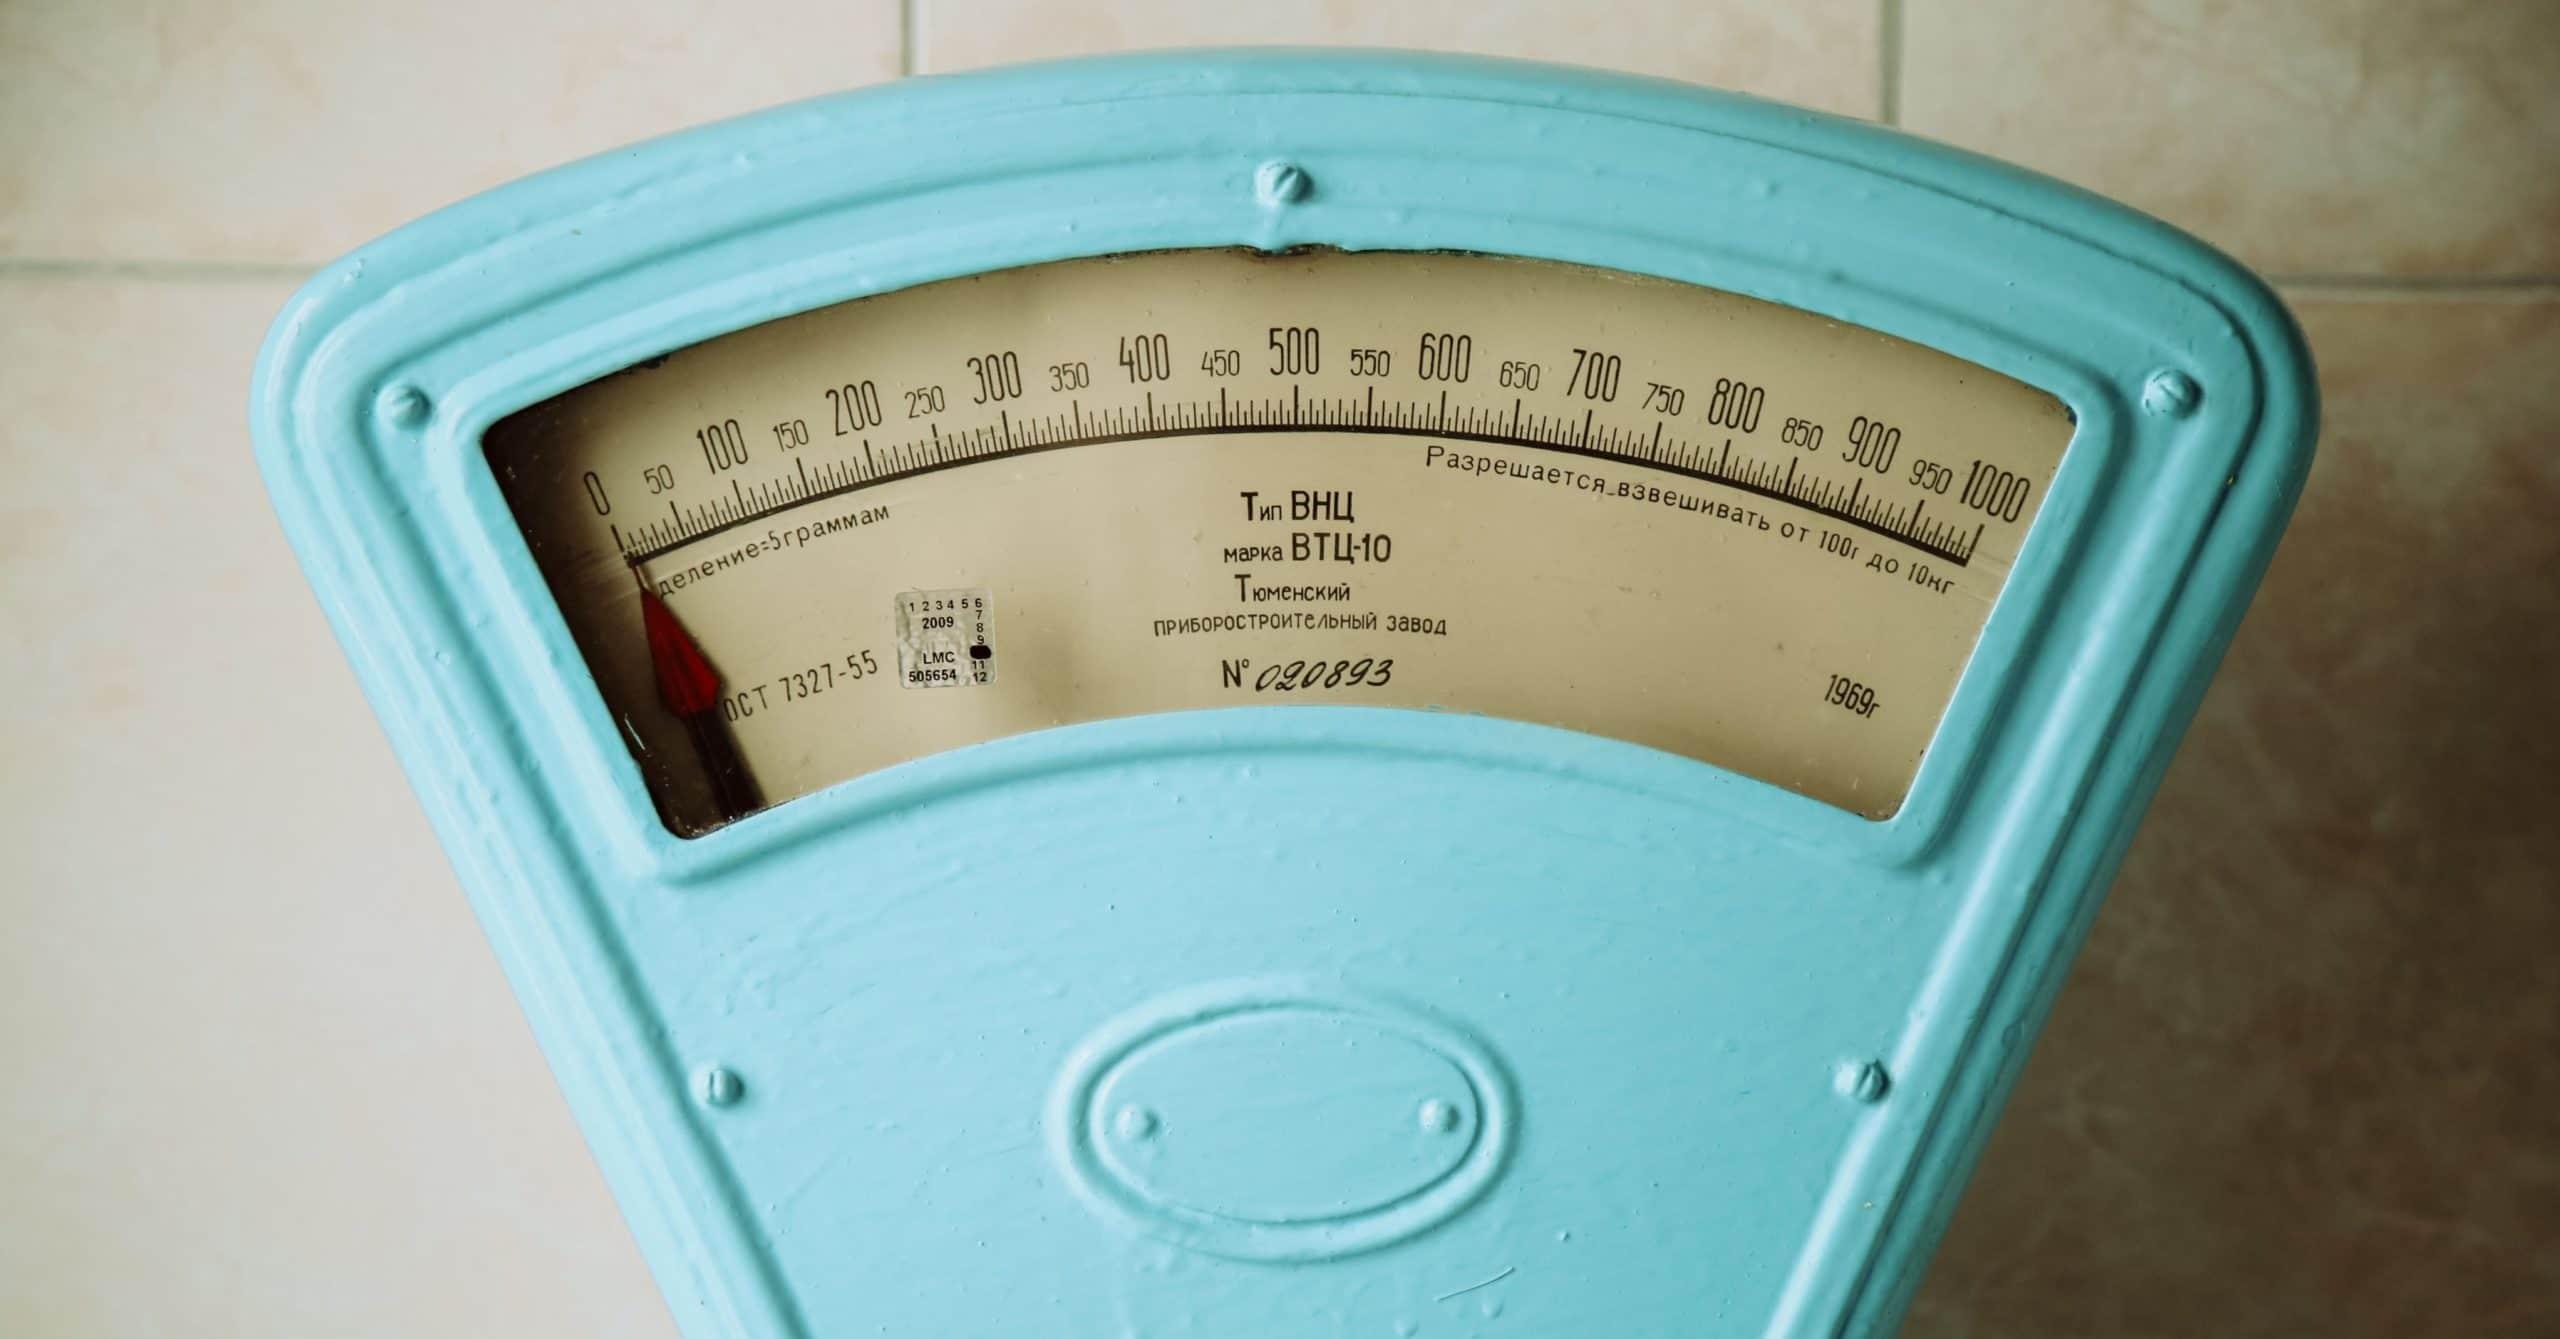 Vergiss die Waage – so kannst du deinen Abnahme Erfolg richtig messen!